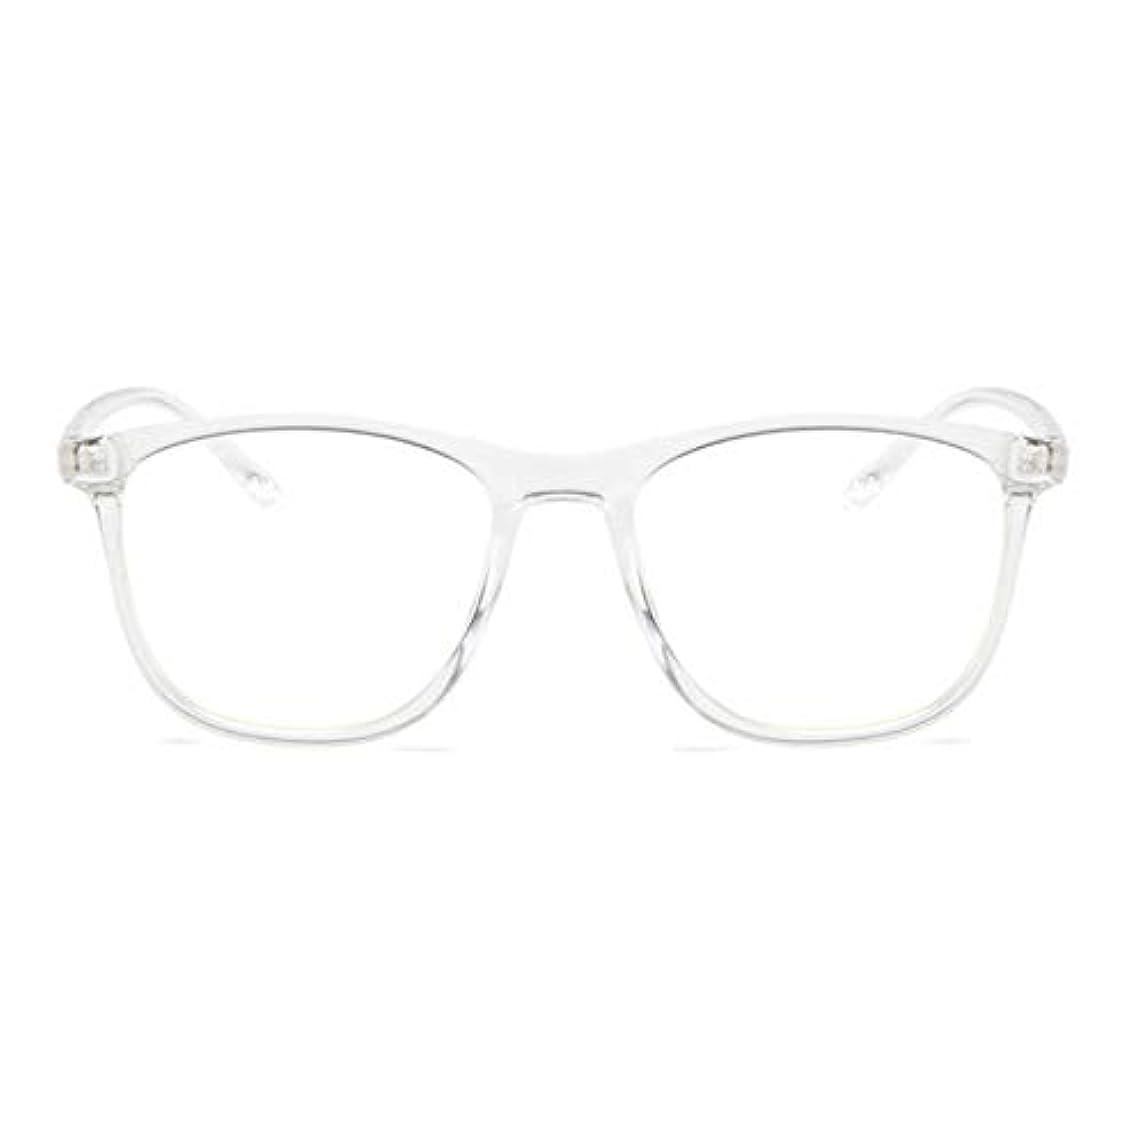 屈辱する始める第五韓国の学生のプレーンメガネ男性と女性のファッションメガネフレーム近視メガネフレームファッショナブルなシンプルなメガネ-透明ホワイト